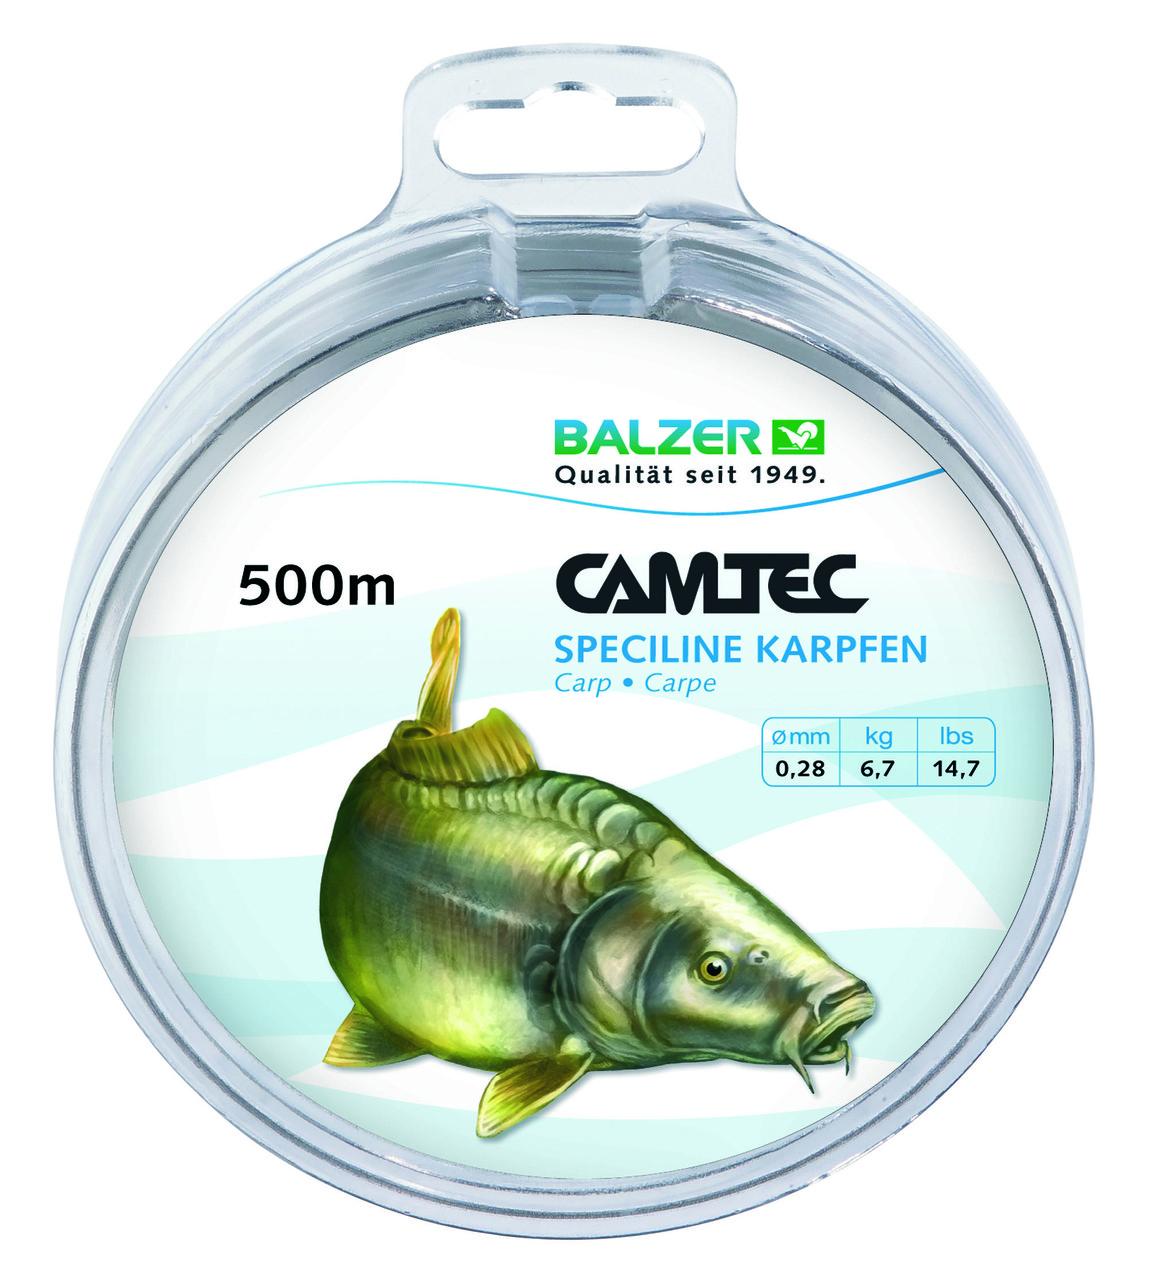 Леска Balzer Camtec карп 0.28мм. 500м.